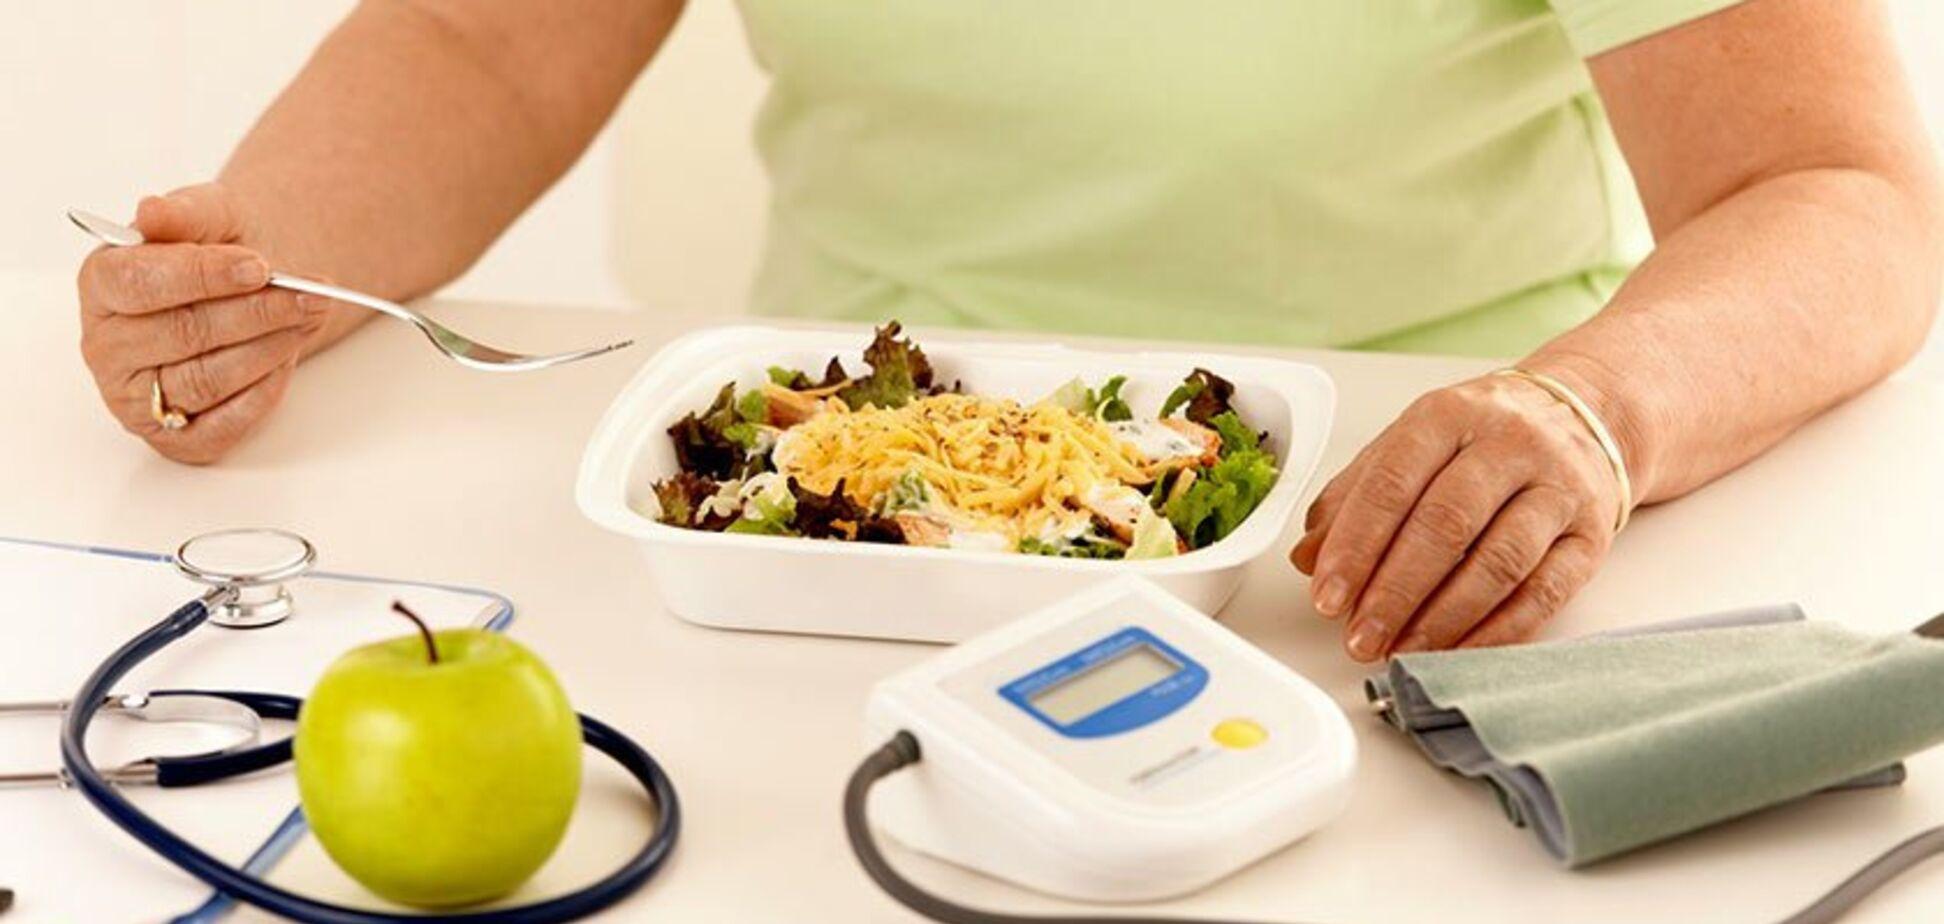 Защищает от диабета и инсульта: Супрун назвала чрезвычайно полезный продукт